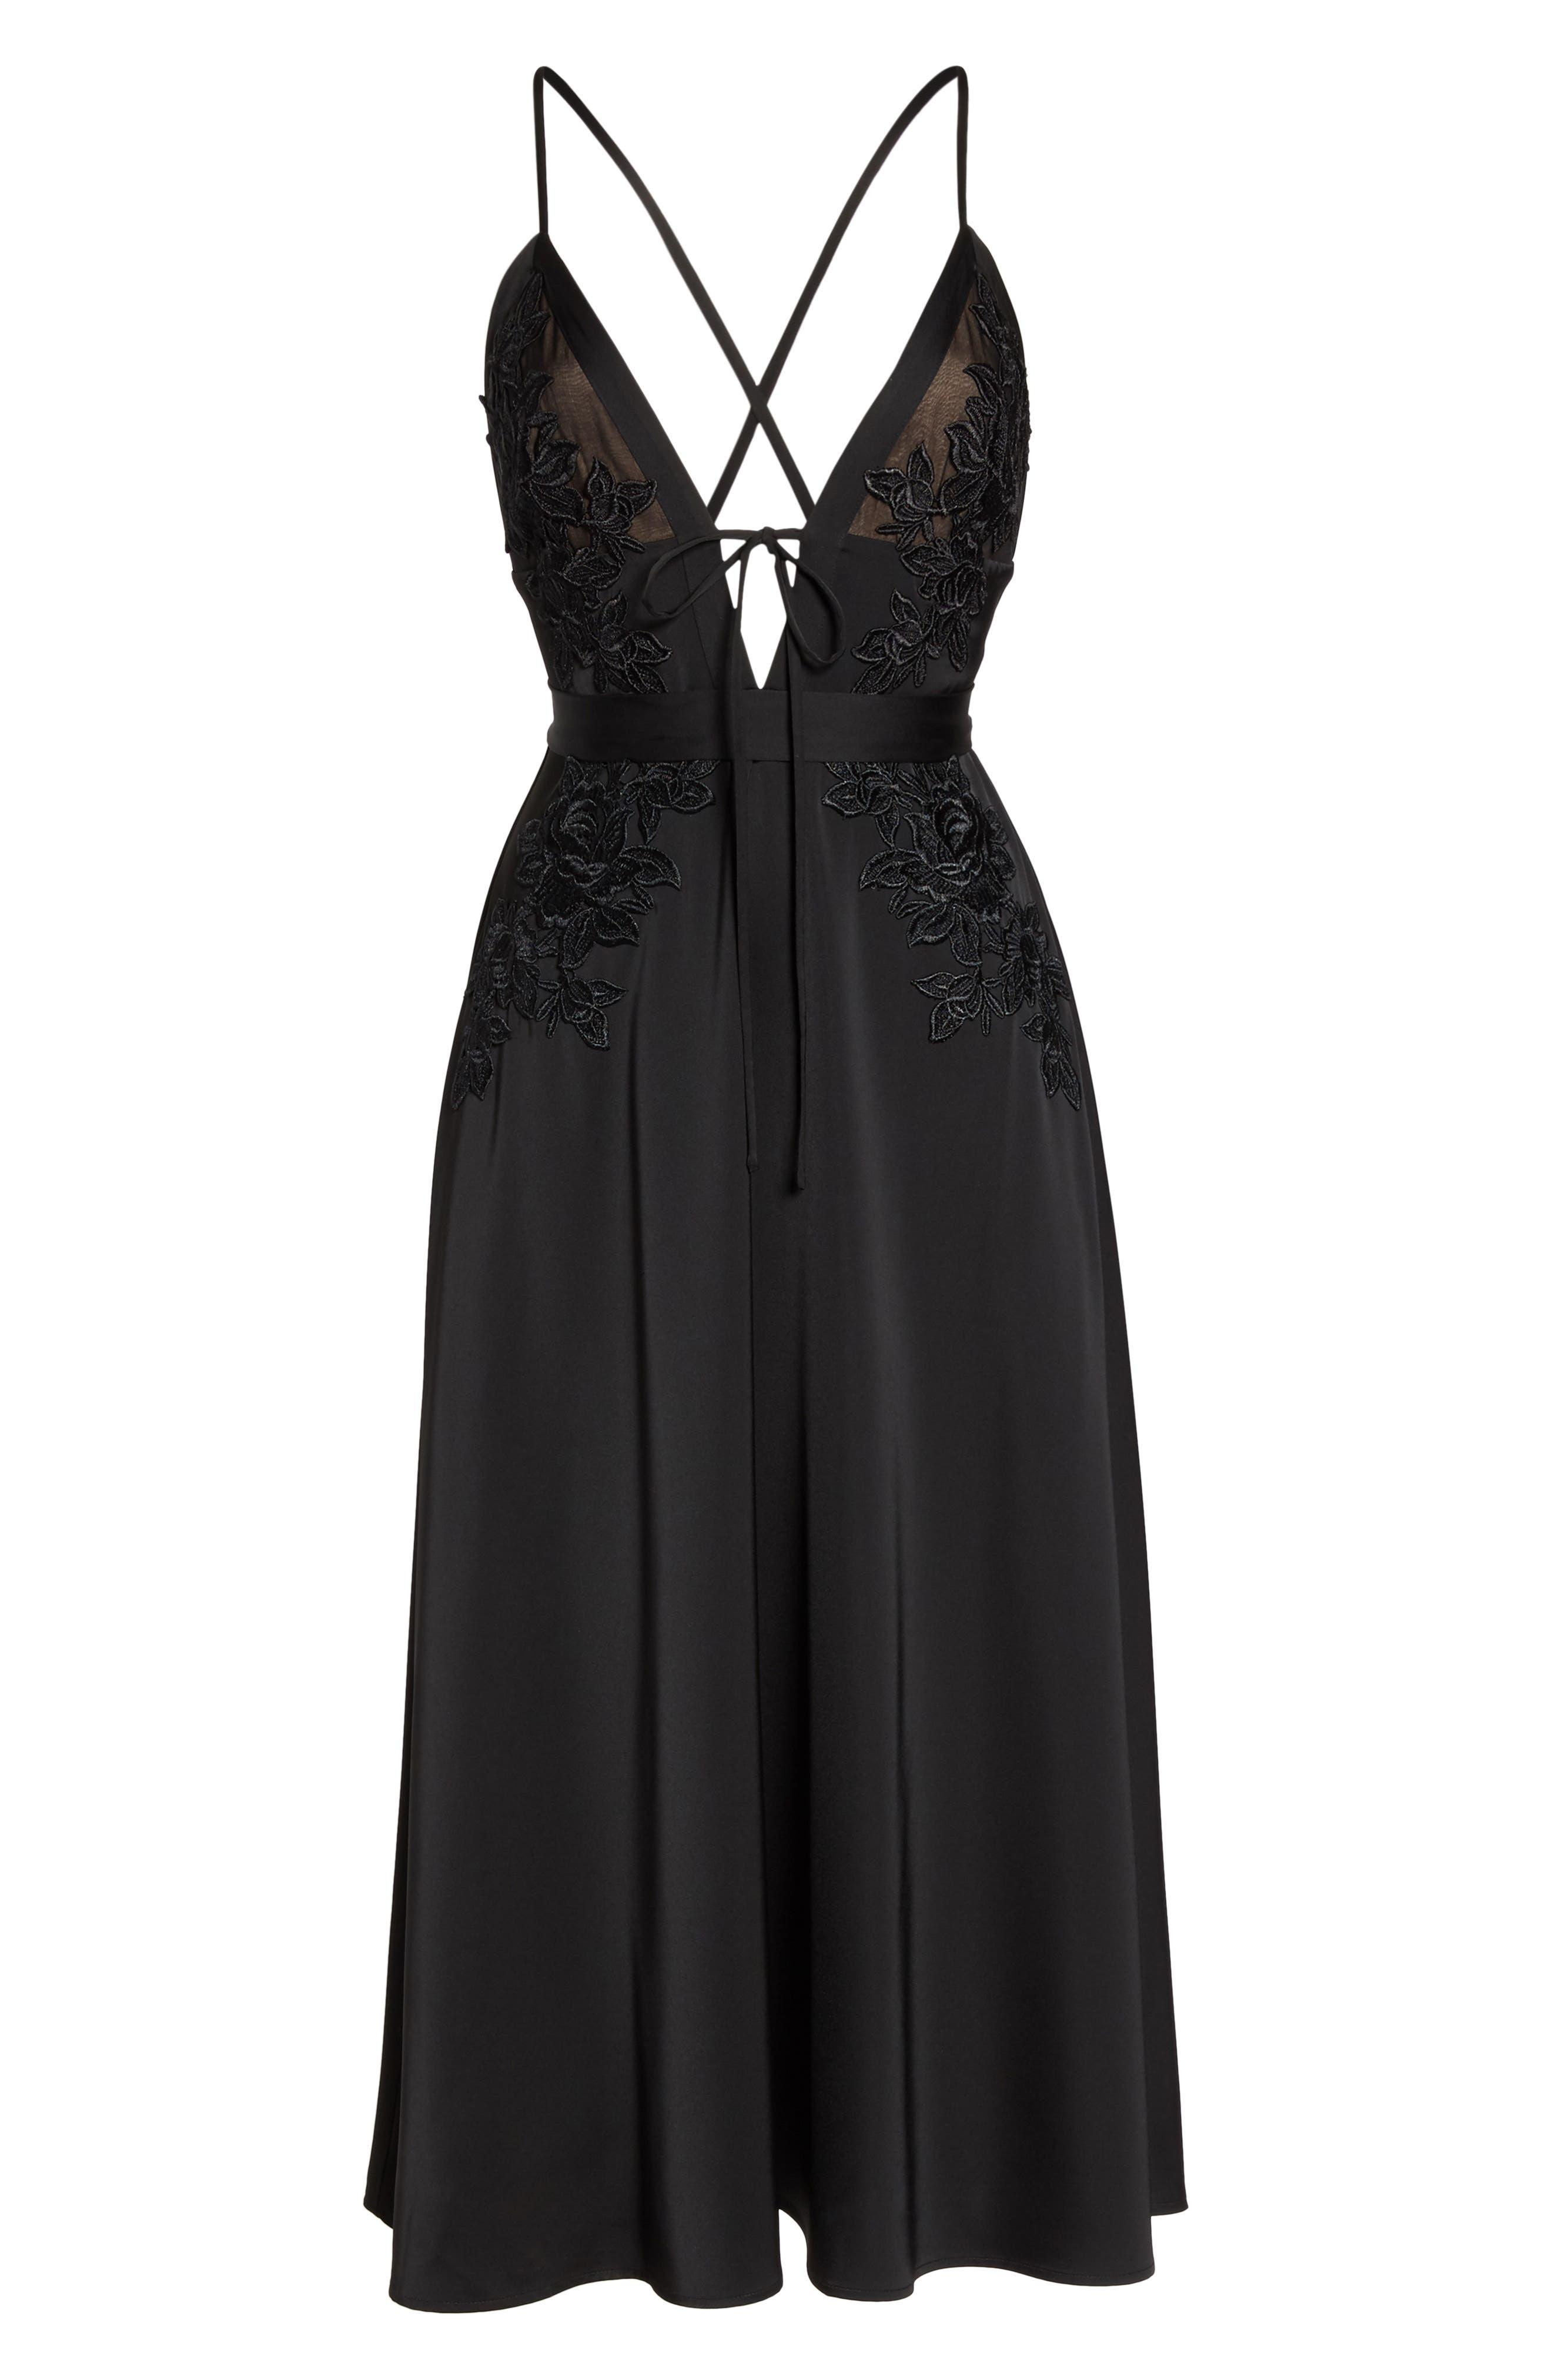 Rhea Floral Appliqué A-Line Dress,                             Alternate thumbnail 6, color,                             Black Multi